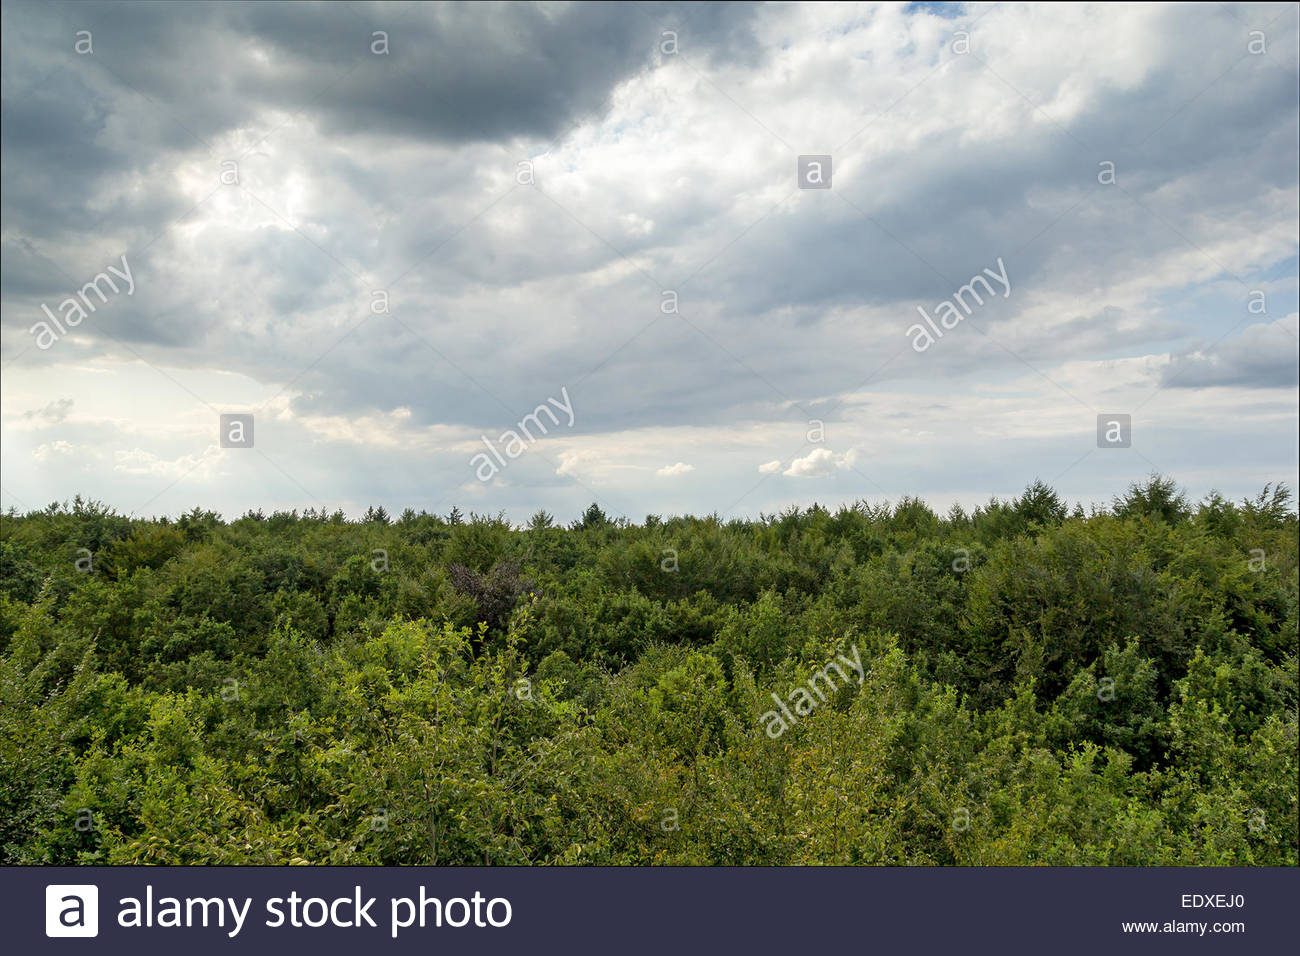 Vogelperspektive Blick auf Baumkronen in einem Wald bei bewölktem Himmel. Stockbild